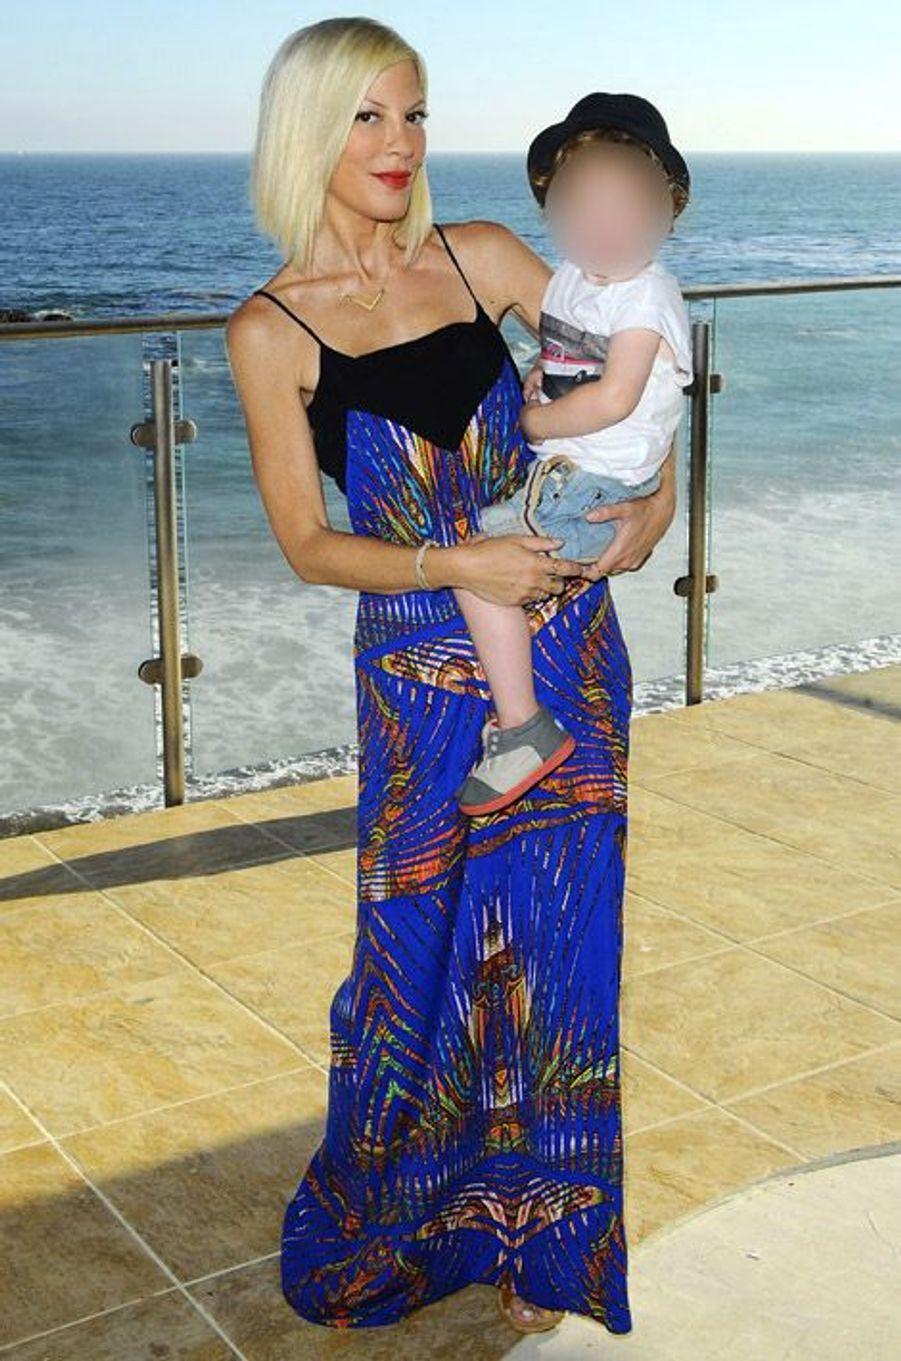 Tori Spelling, l'actrice révélée par la série Beverly Hills 90210, fête les 2 ans de son fils à Malibu, le 30 août 2014